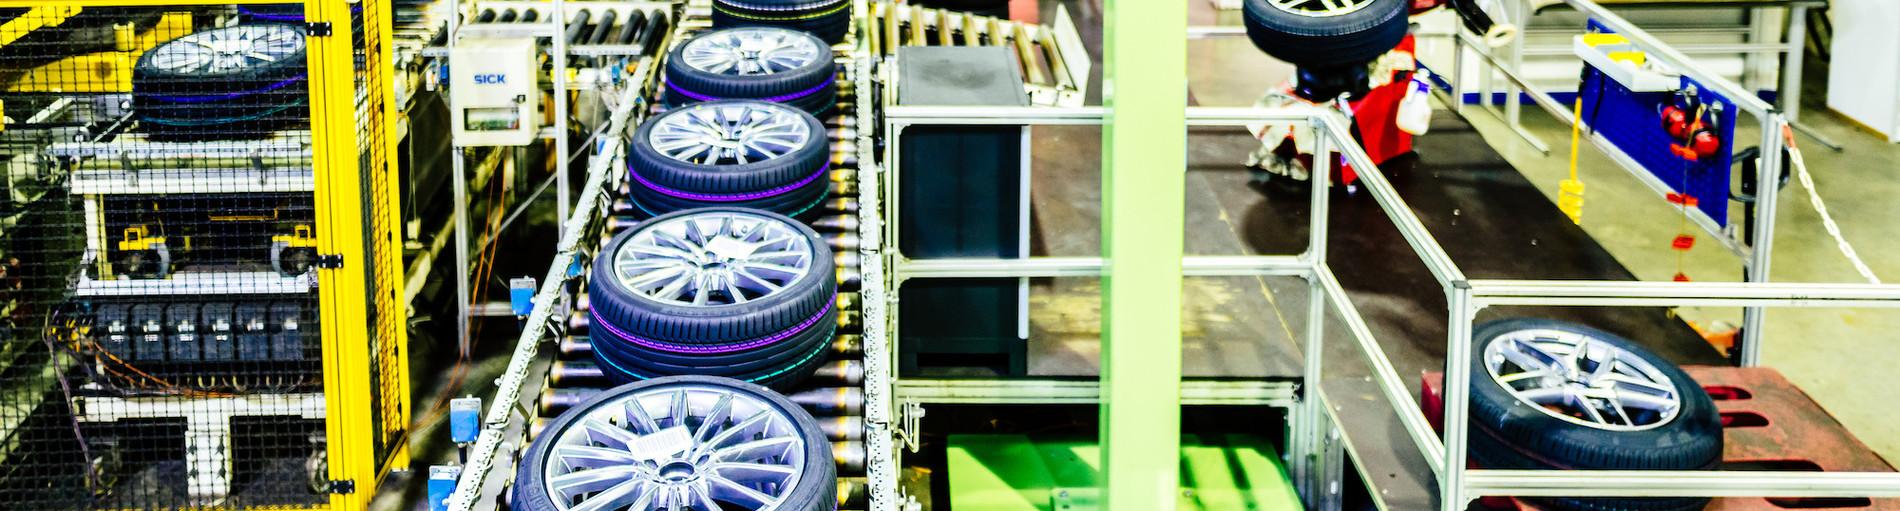 In der Produktionshalle der SCHEDL Automotive System Service GmbH (Quelle: WFB/Jonas Ginter).